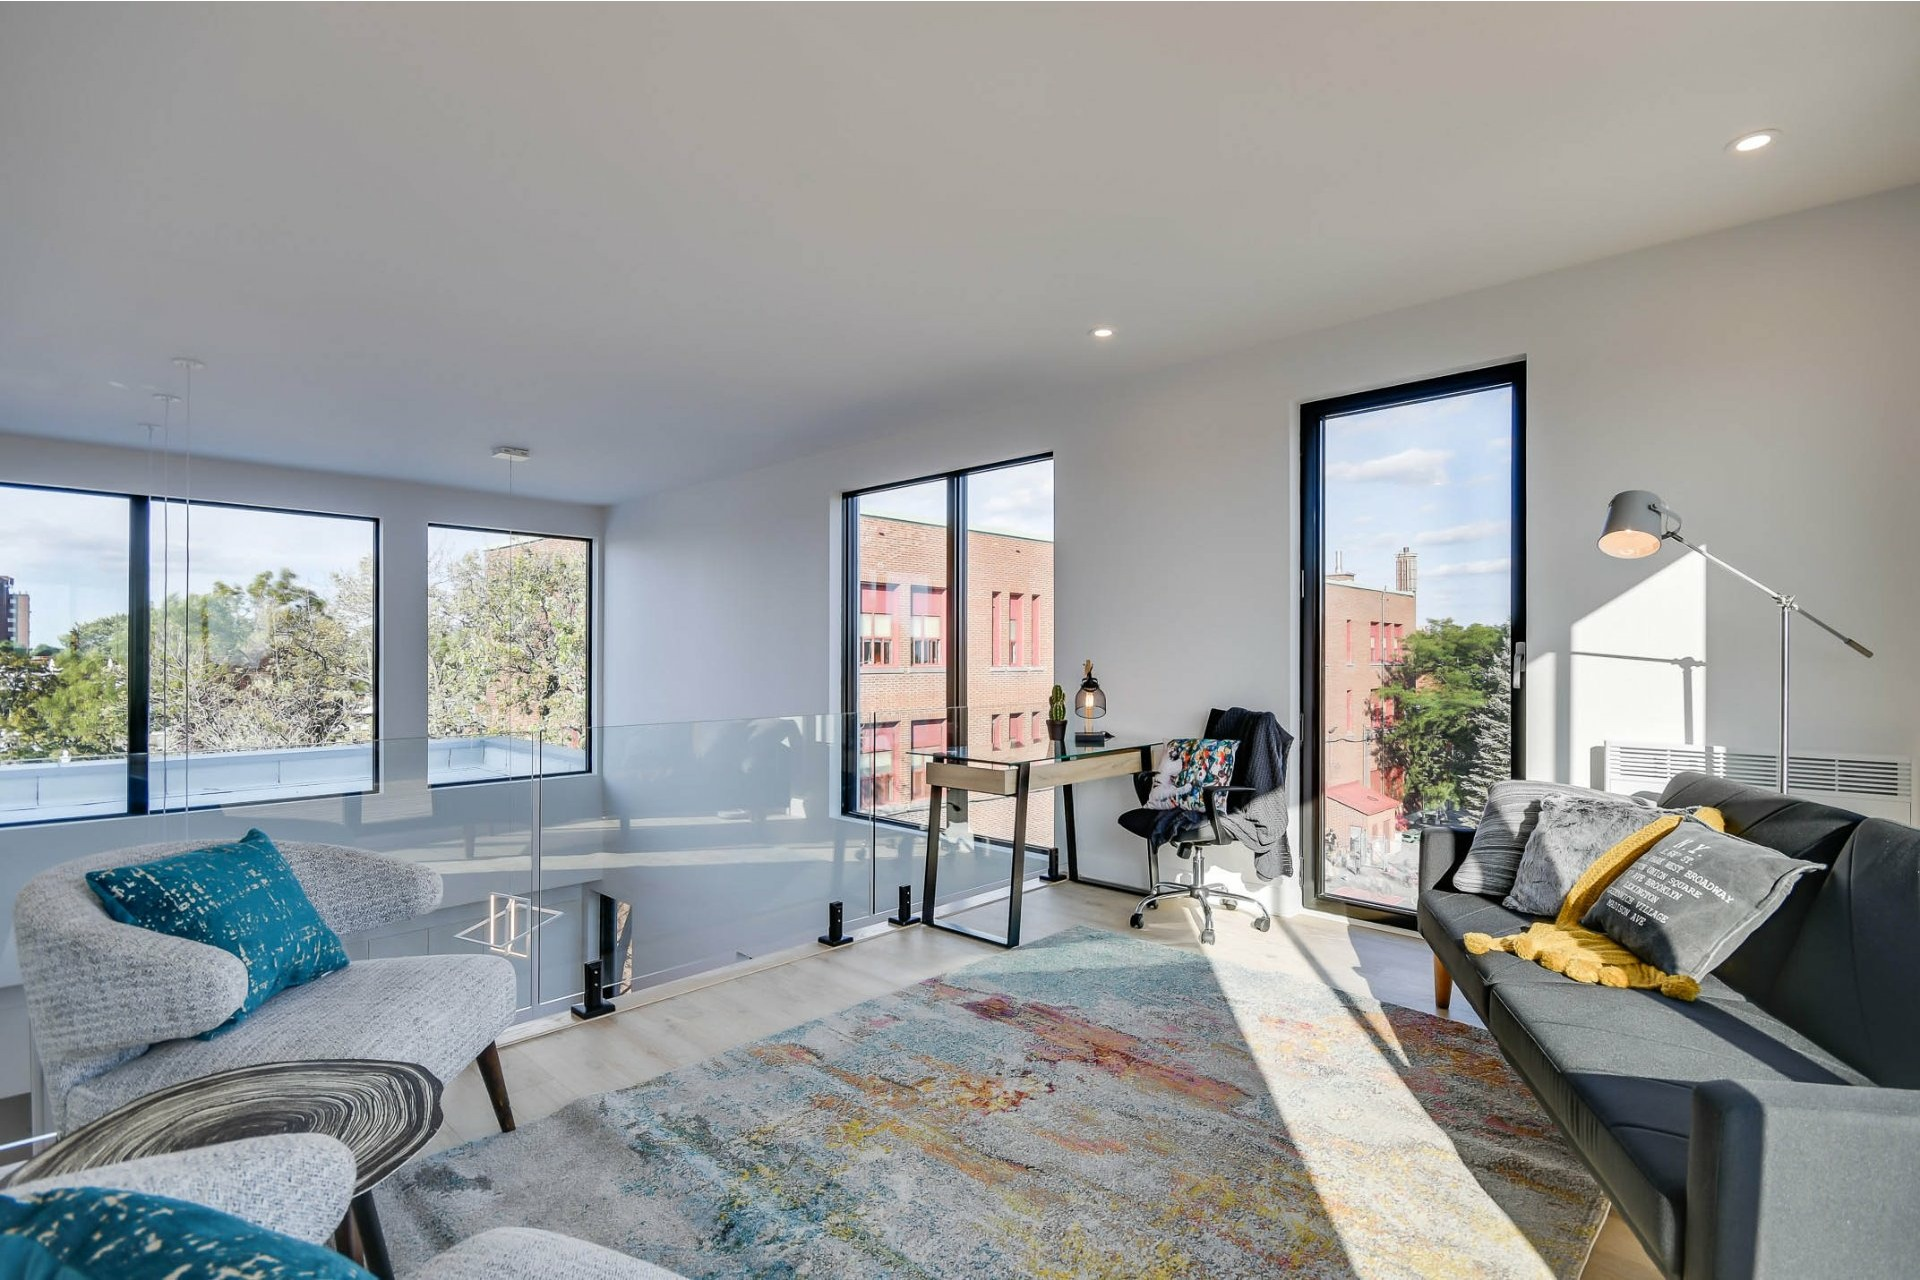 image 15 - Apartment For sale Villeray/Saint-Michel/Parc-Extension Montréal  - 7 rooms